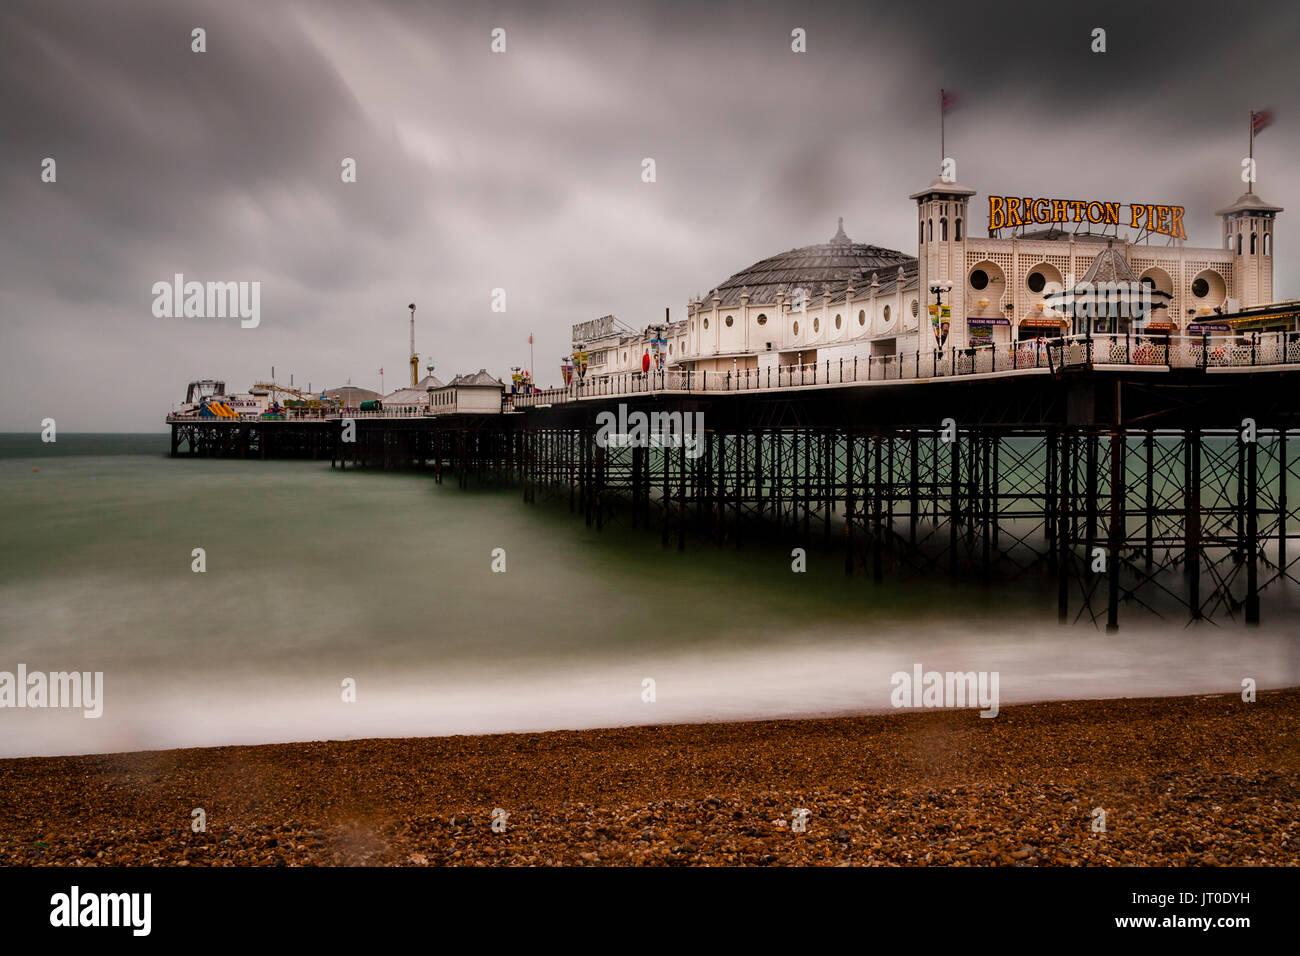 Le Palace Pier de Brighton sur un jour de pluie, Brighton, Sussex, UK Photo Stock